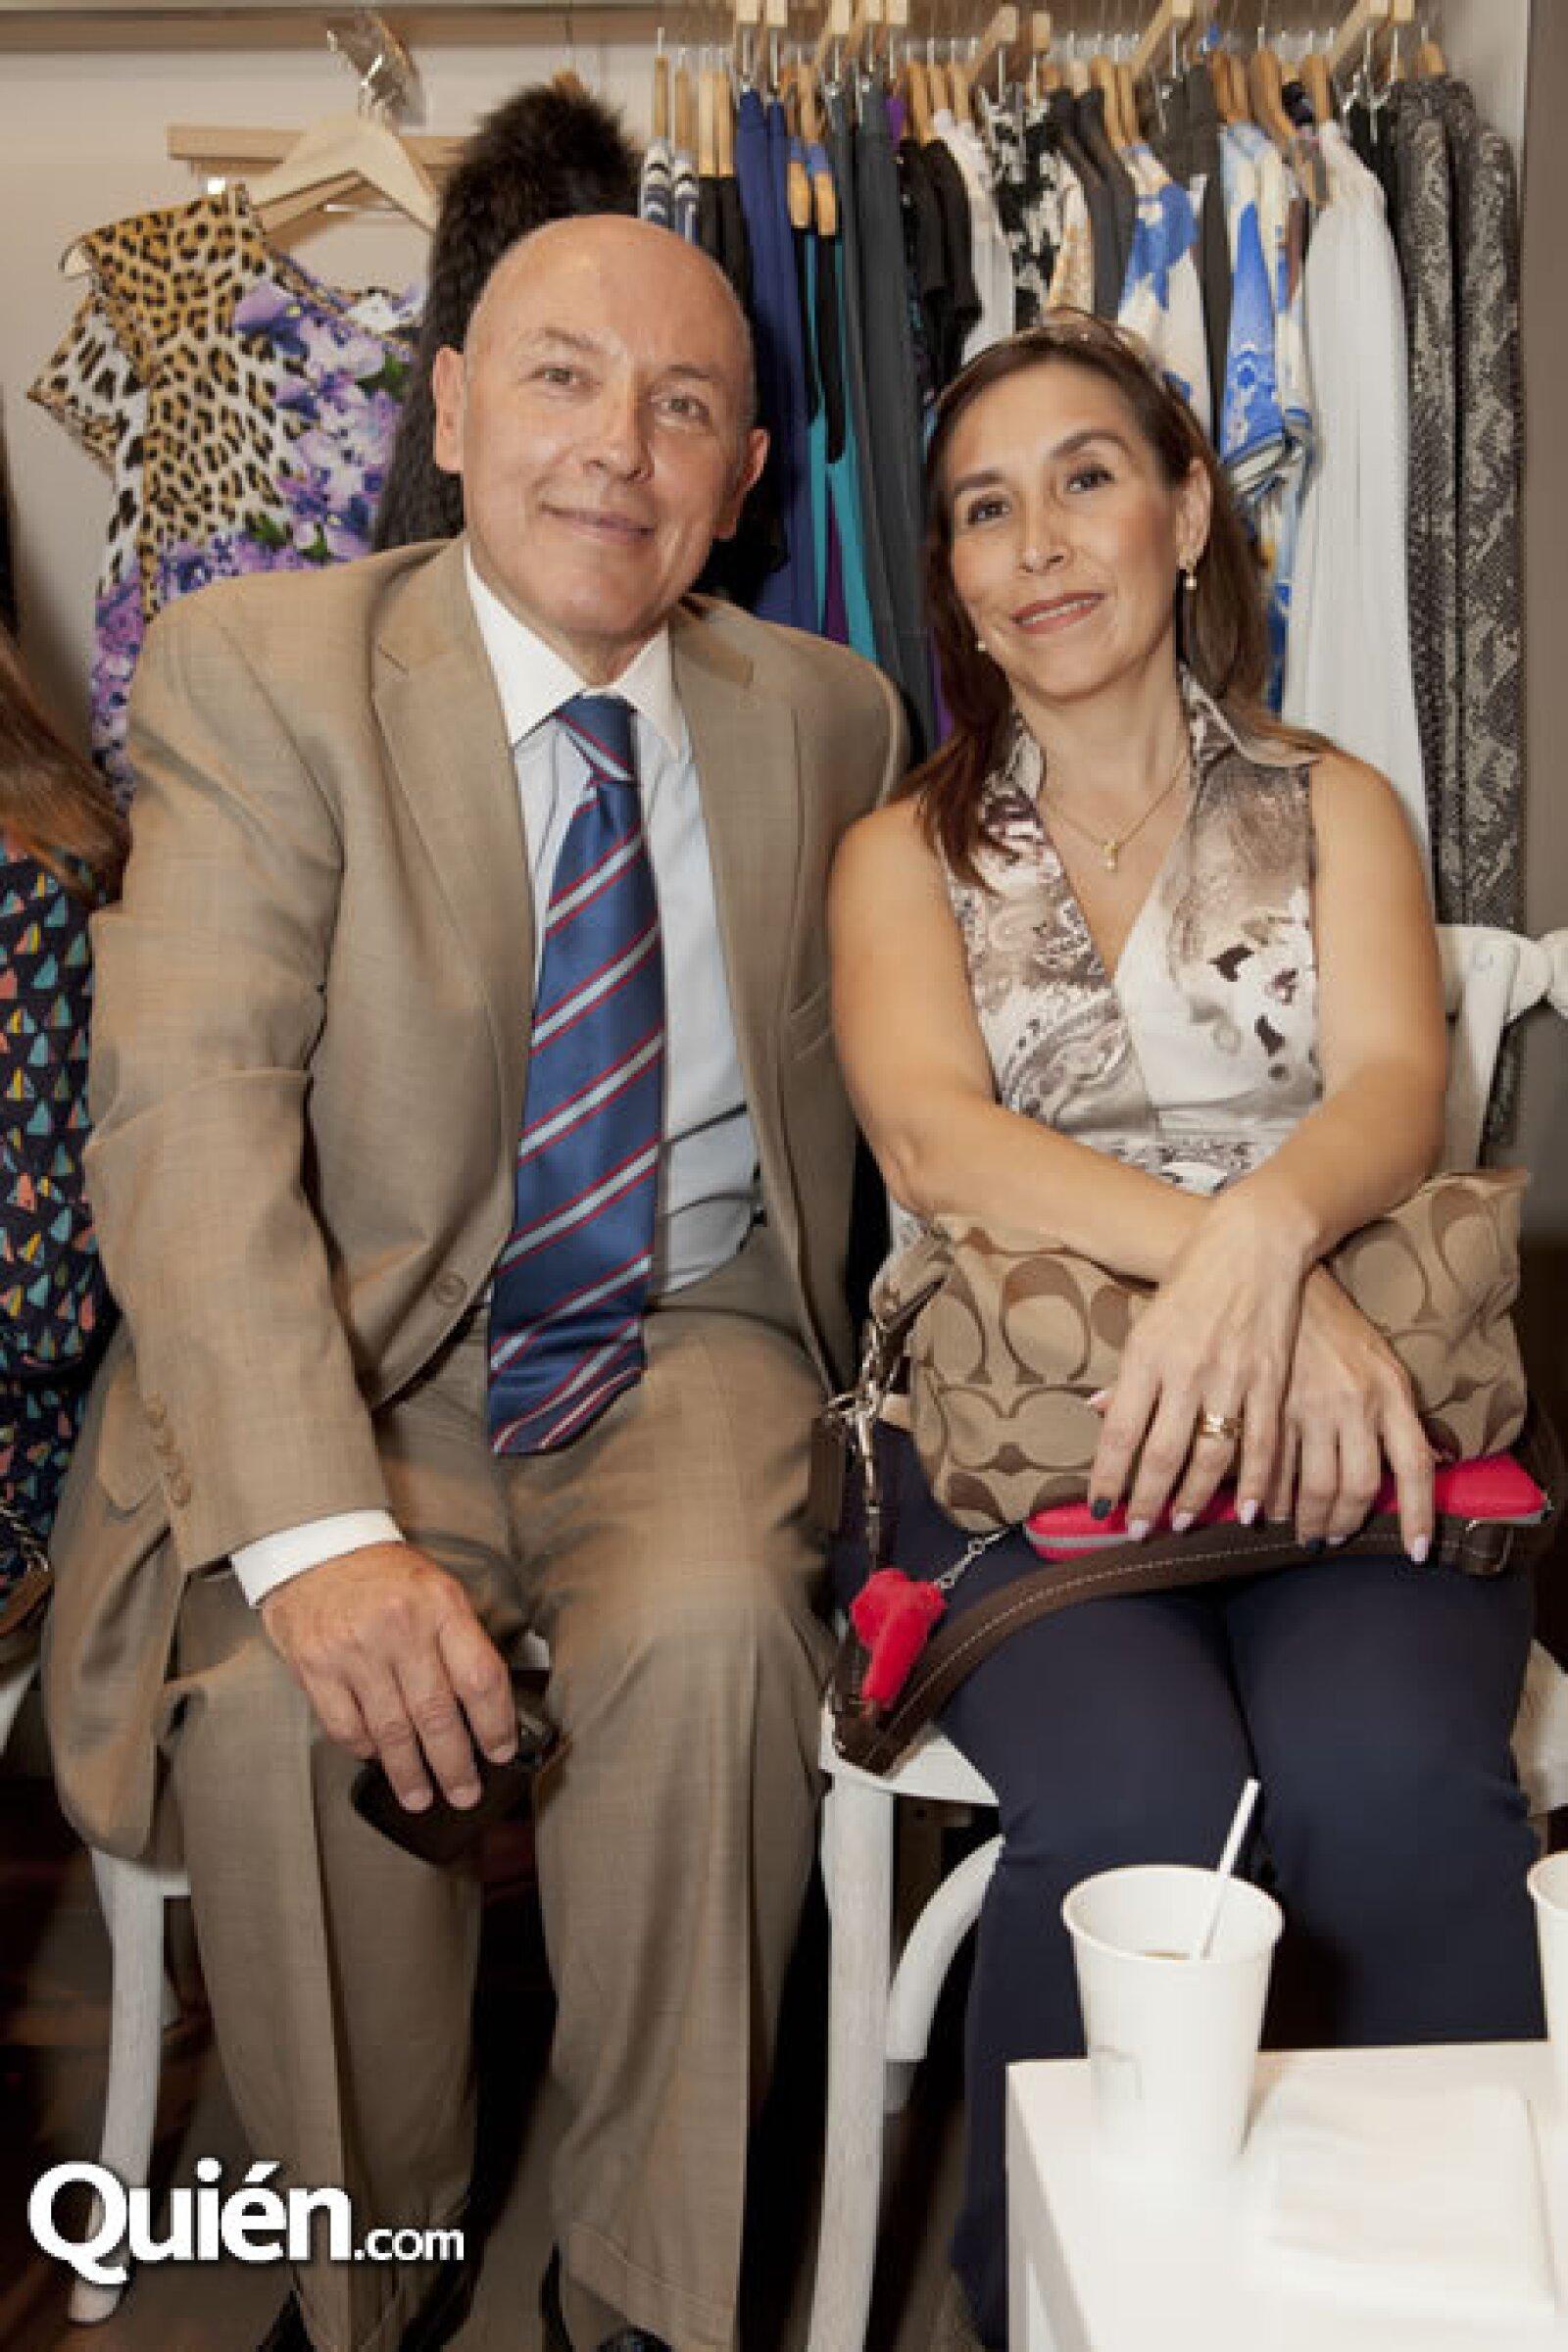 Jorge Rivas y Xalixia Larrea